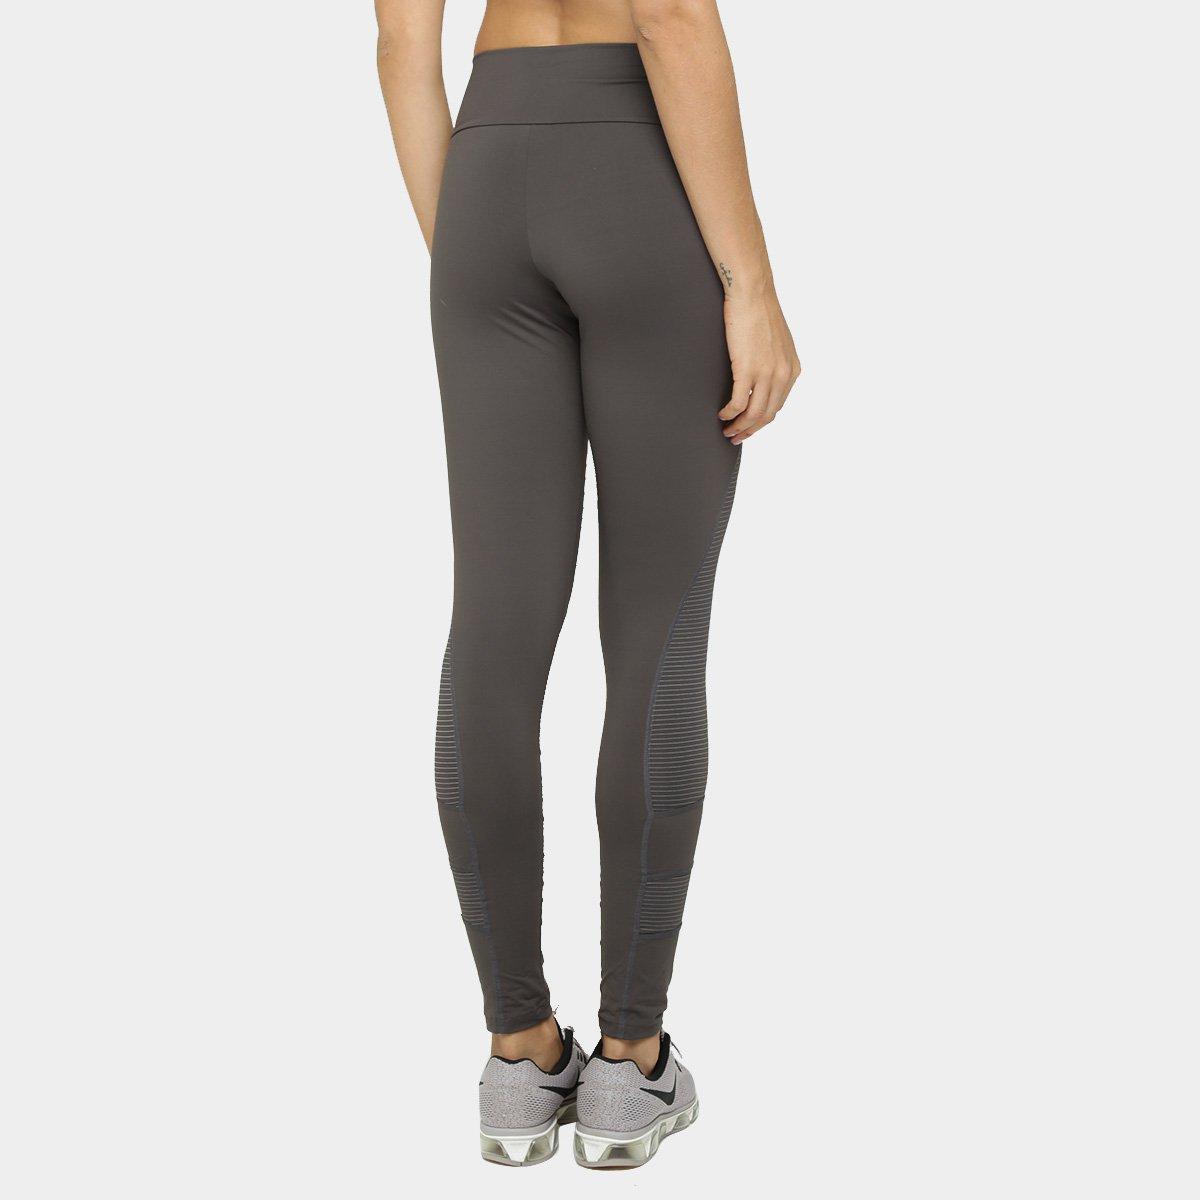 Calça Legging Speedo Shine Feminina - Compre Agora  e38913a6f0900